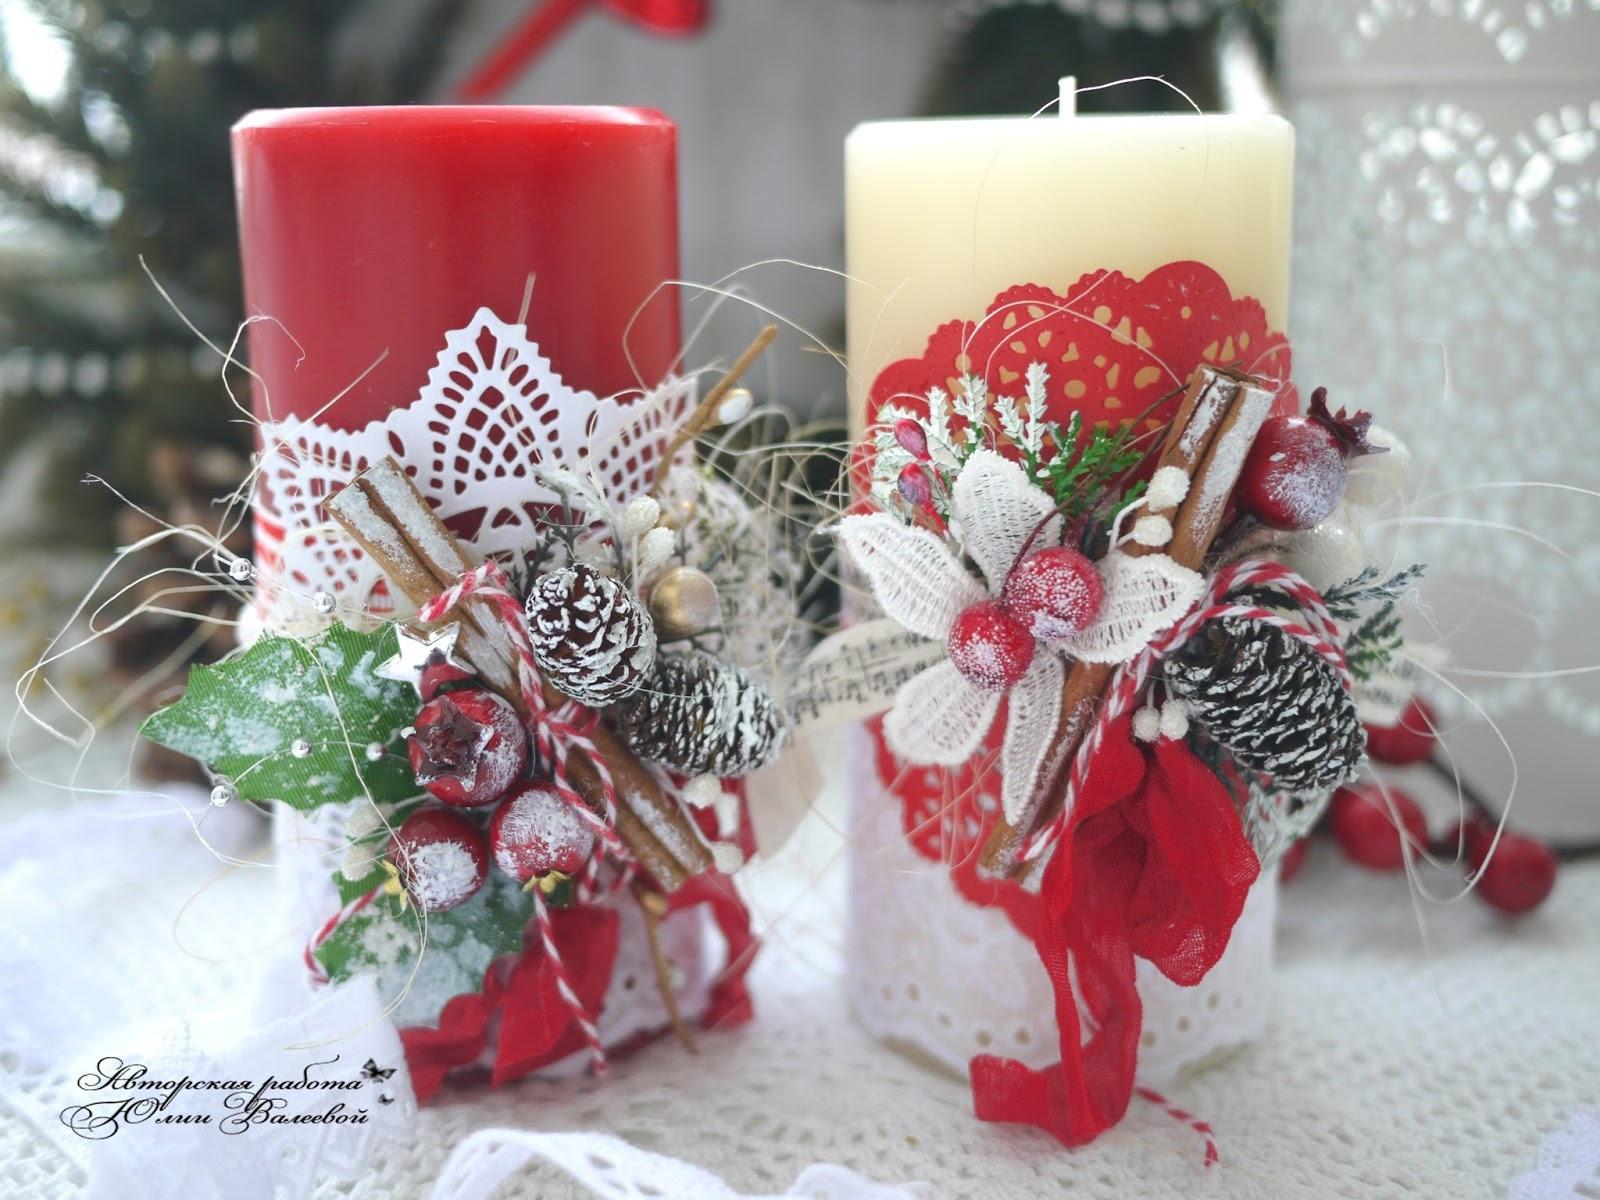 Новогодние свечи hand made - карточка от пользователя Anastasia Shumakova в Яндекс.Коллекциях